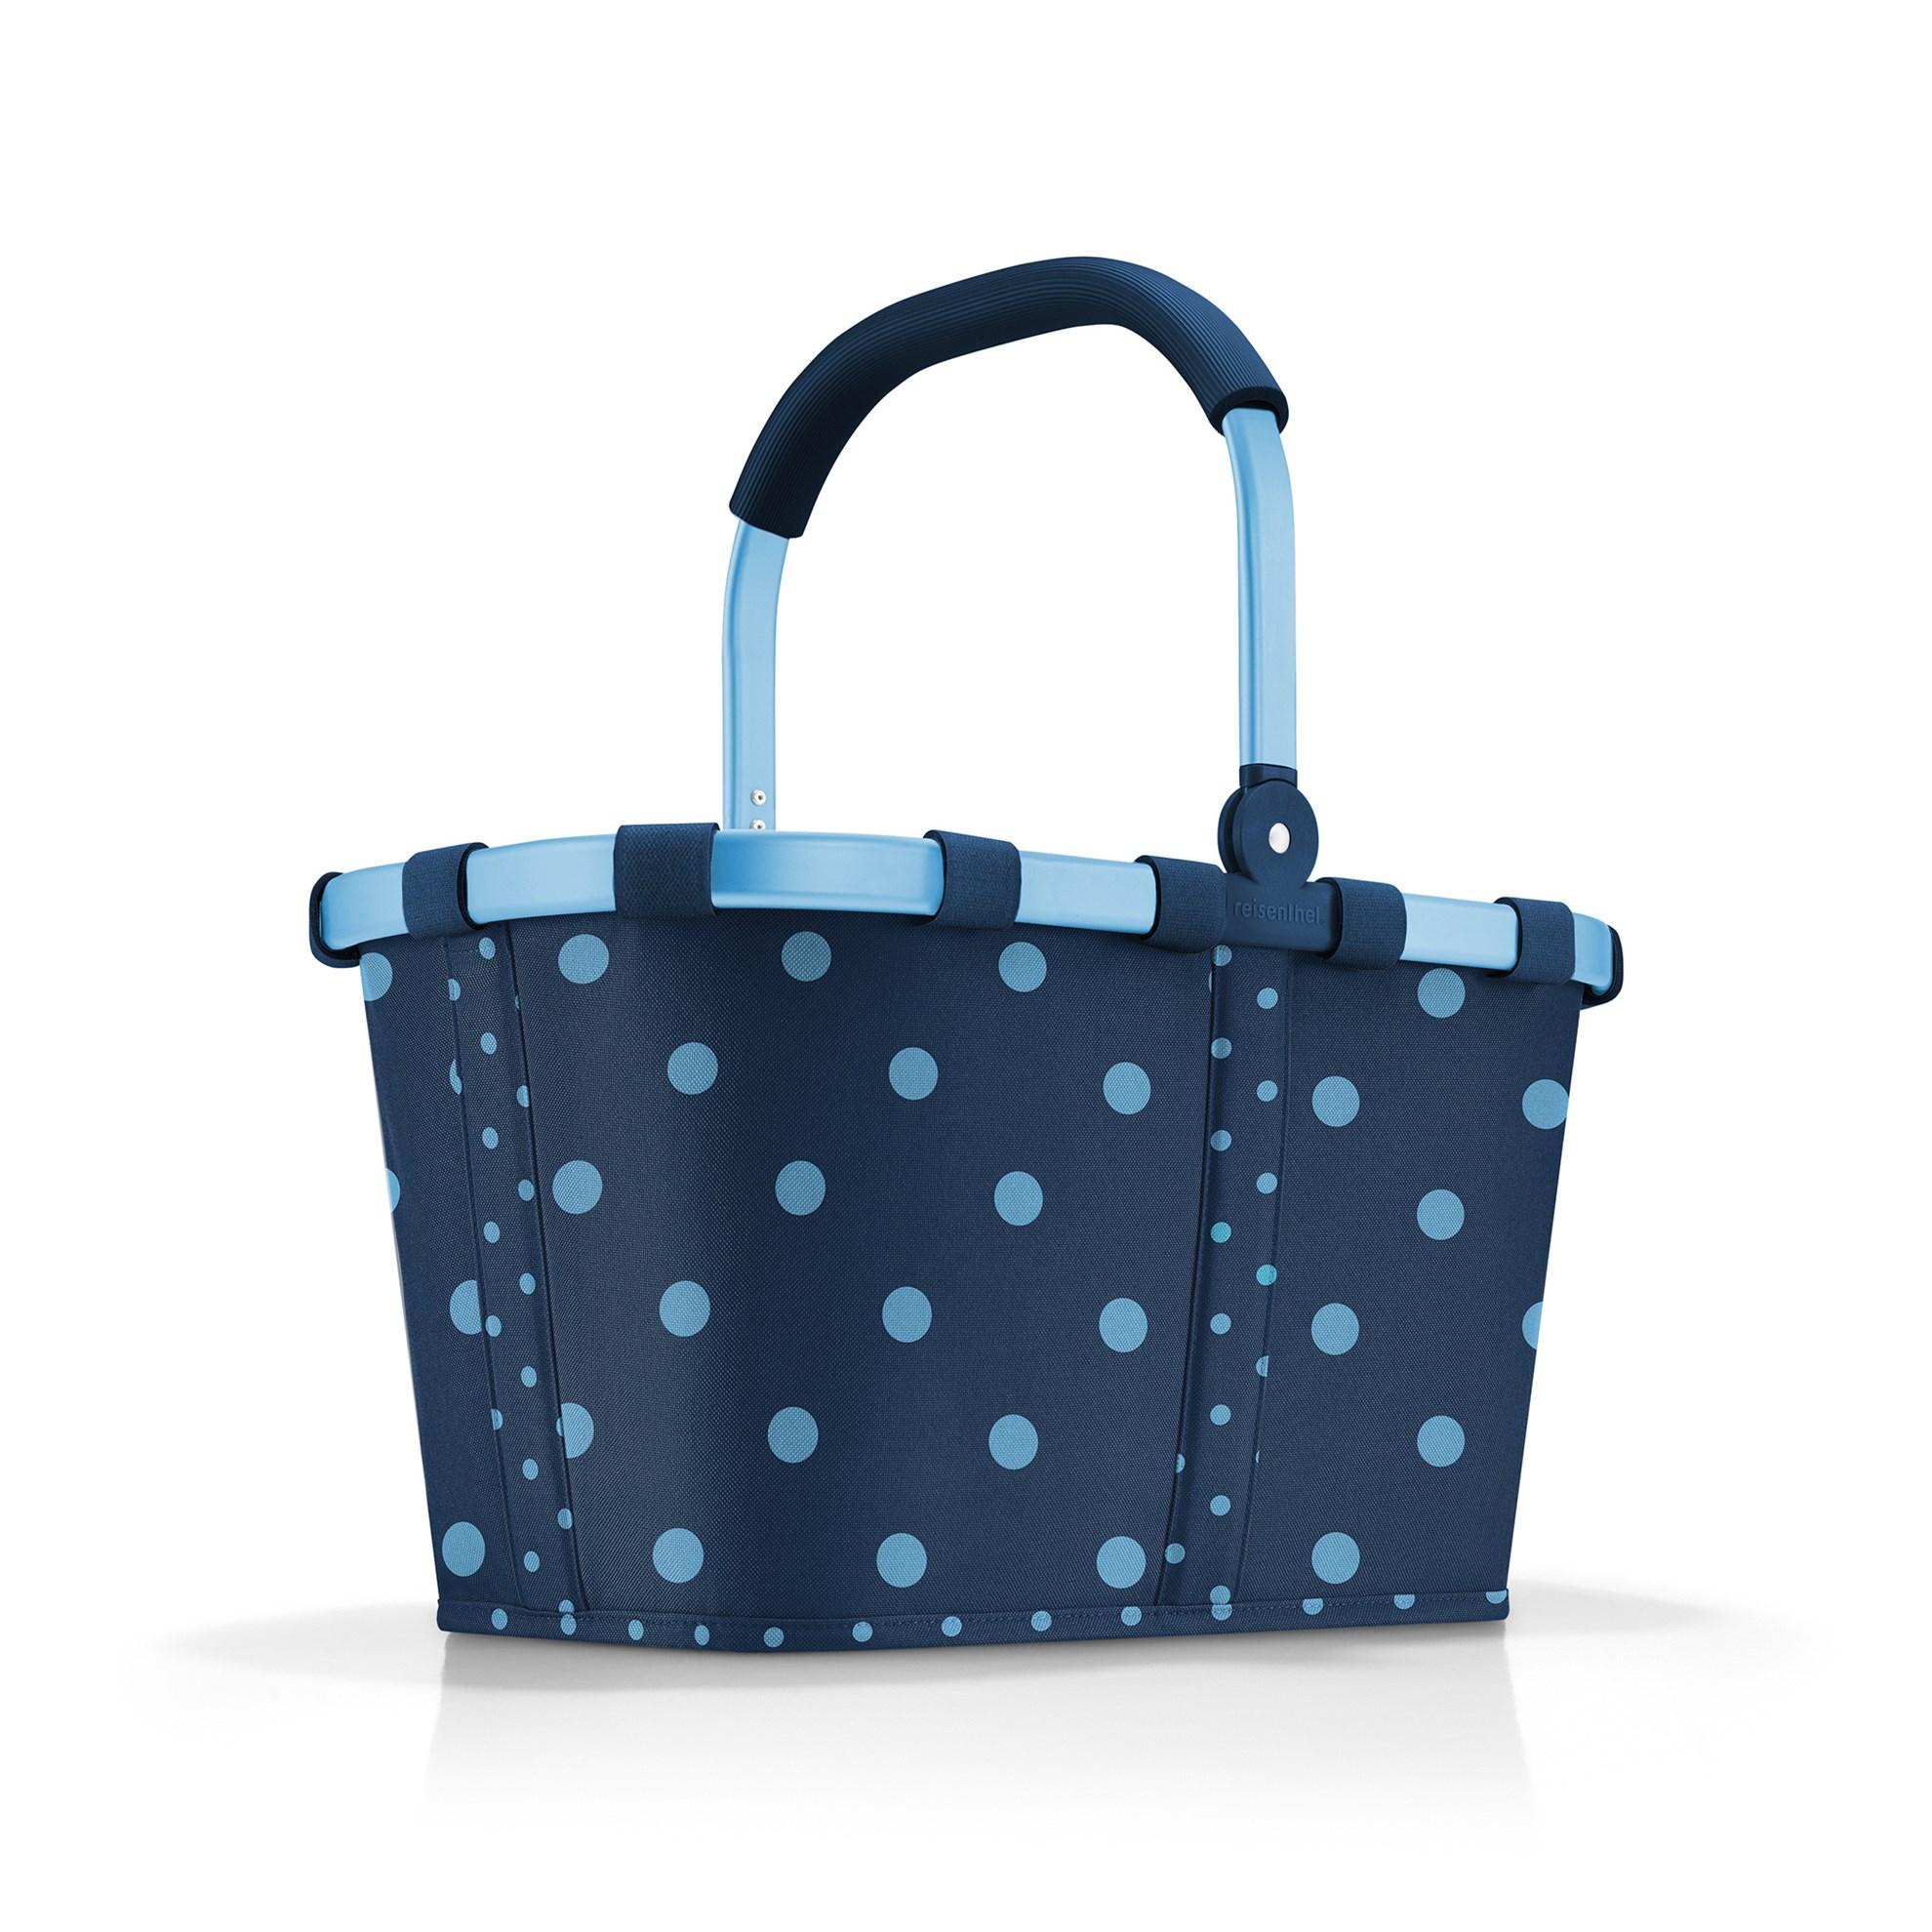 Nákupní košík Carrybag frame mixed dots blue_3